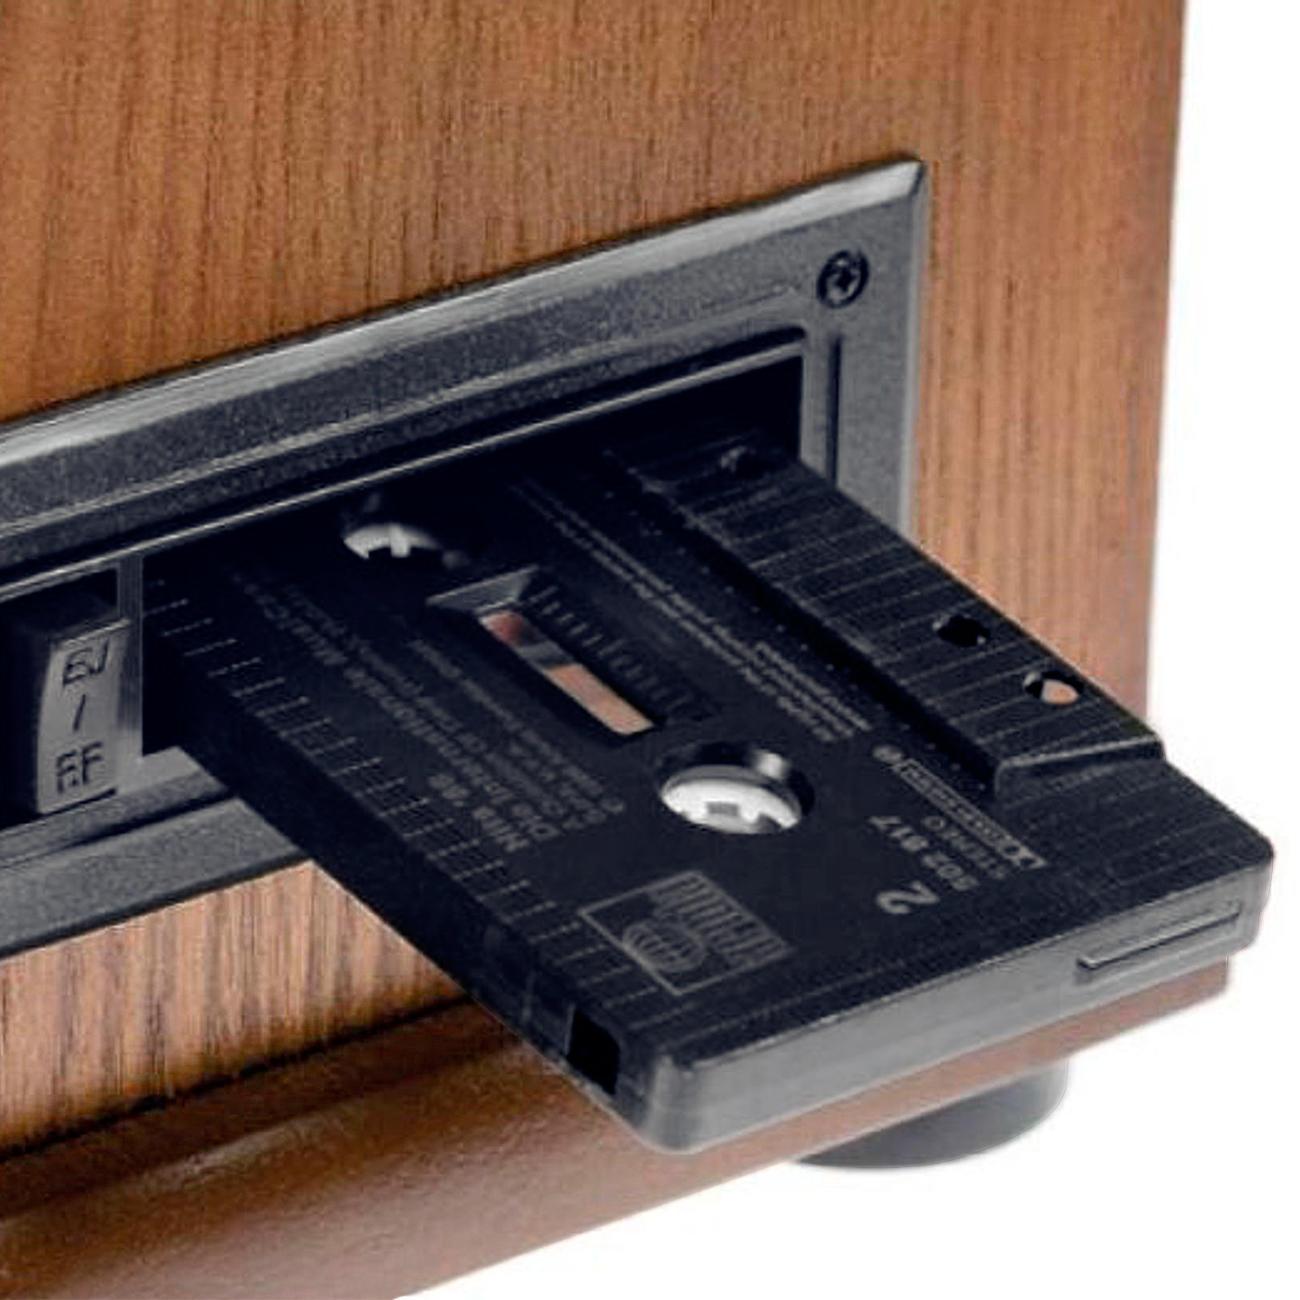 soundmaster nostalgie stereo musikcenter mit bluetooth nr545dab 50er jahre. Black Bedroom Furniture Sets. Home Design Ideas